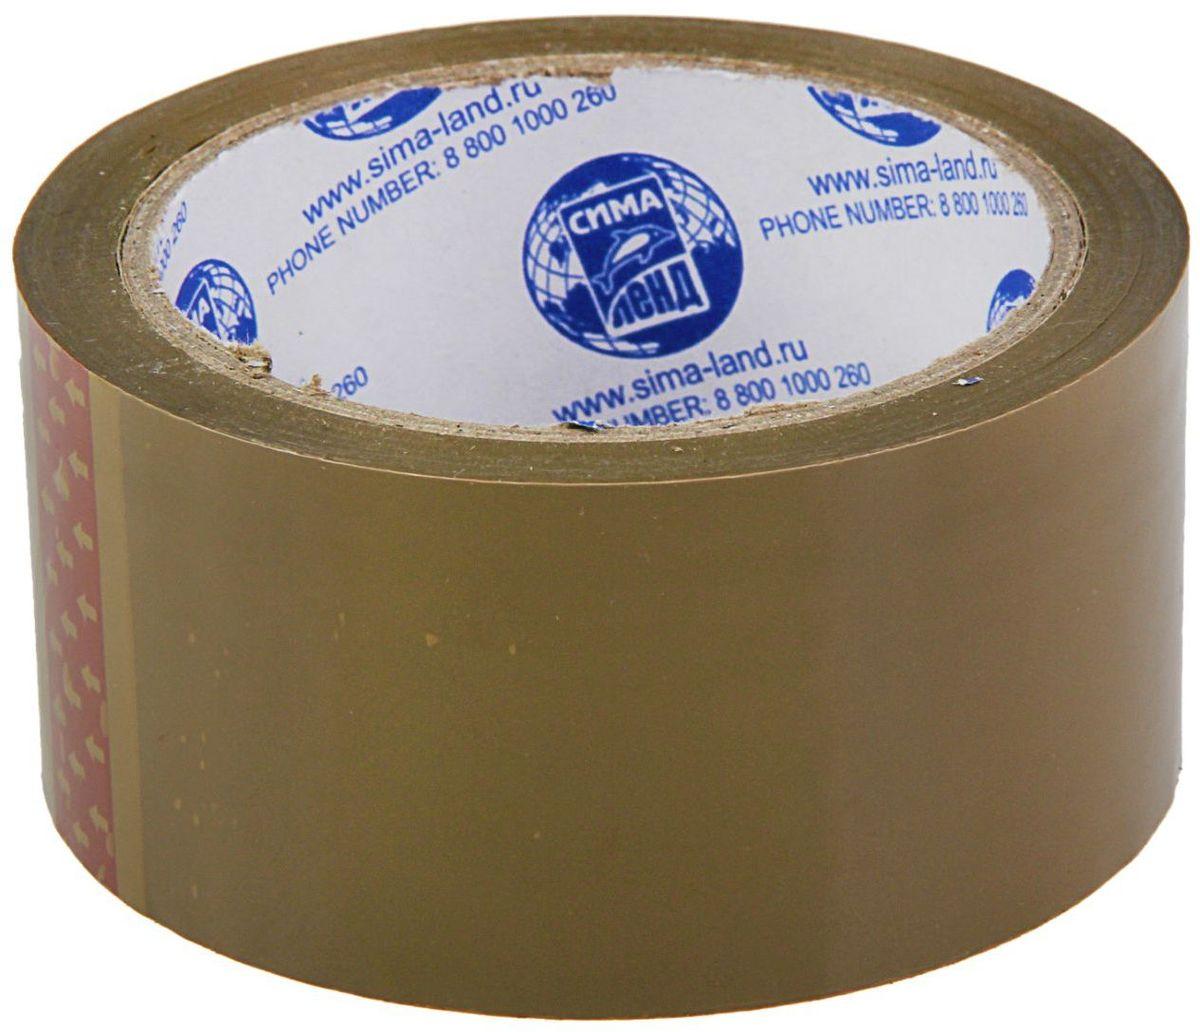 Клейкая лента цвет темно-коричневый 48 мм х 66 м1268207Упаковочная клейкая лента изготовлена из двуосноориентированного полипропилена (ВОРР) высокой прочности с нанесением клеевого слоя с одной стороны ленты.Она универсальна и используется в основном для заклейки гофрокоробов, оклеивания различных грузов, обернутых в стрейч-пленку или в полиэтиленовую пленку.Не следует клеить ленту непосредственно на неупакованную продукцию, так как следы клея плохо отмываются.